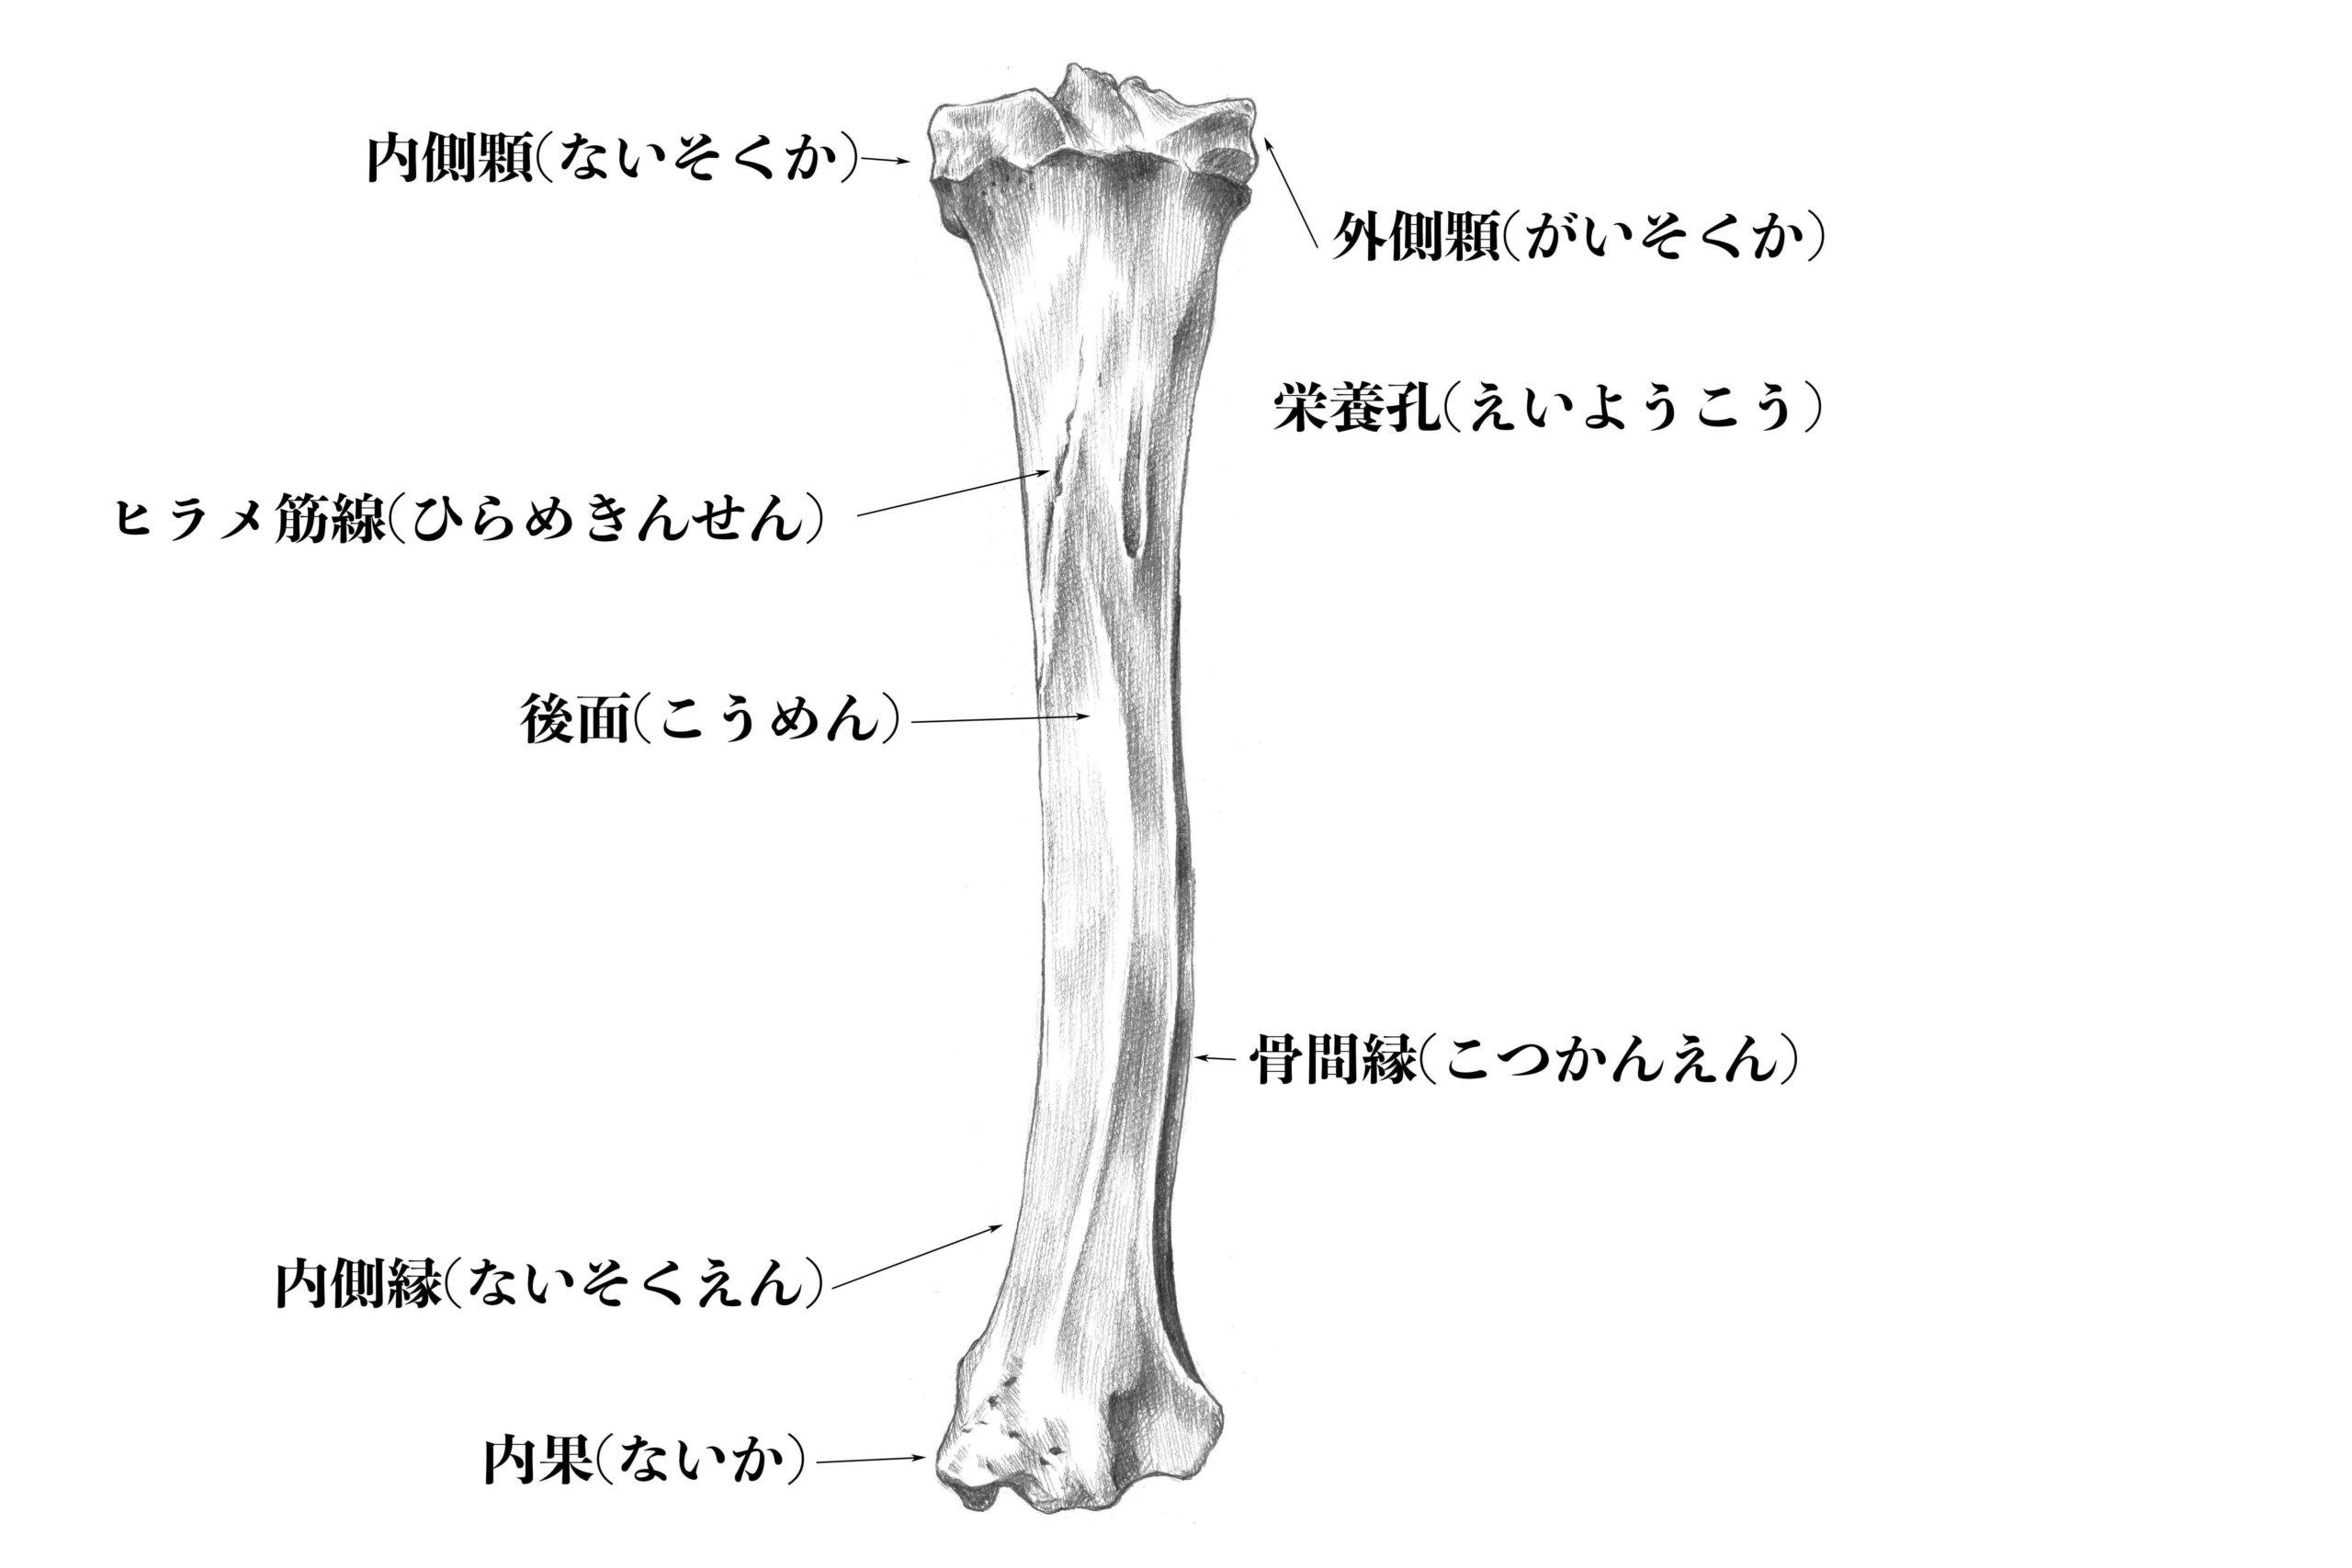 脛骨後面のスケッチå